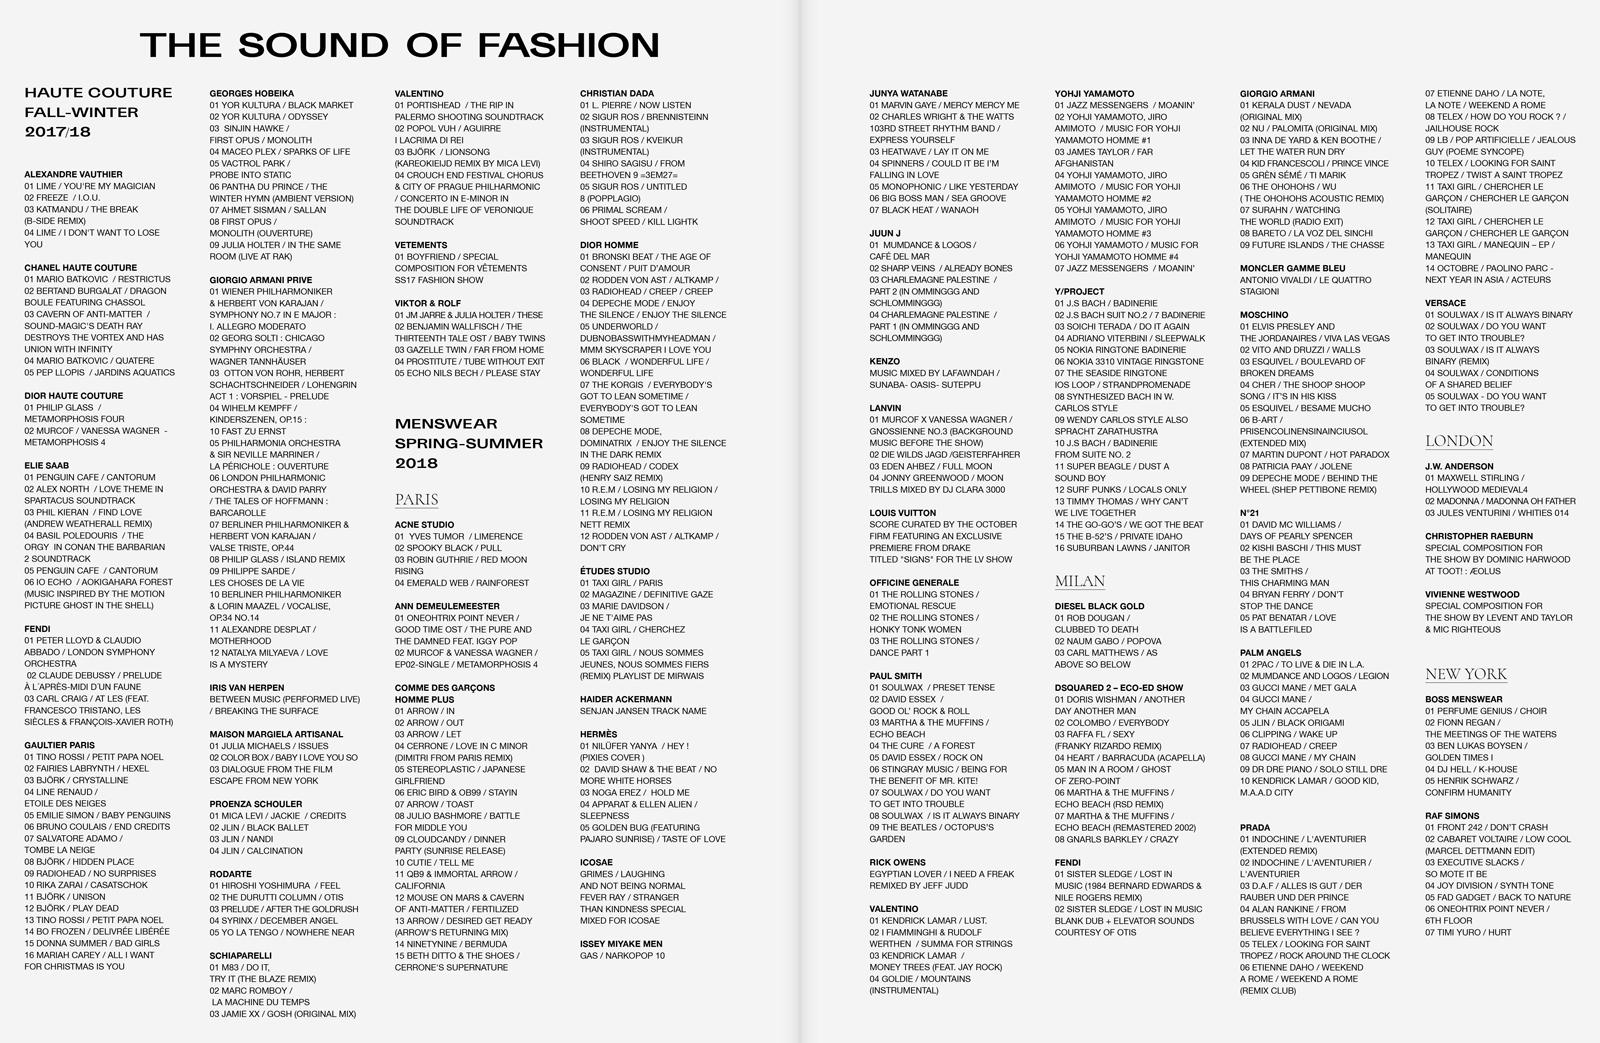 CRASH81-soundoffashion